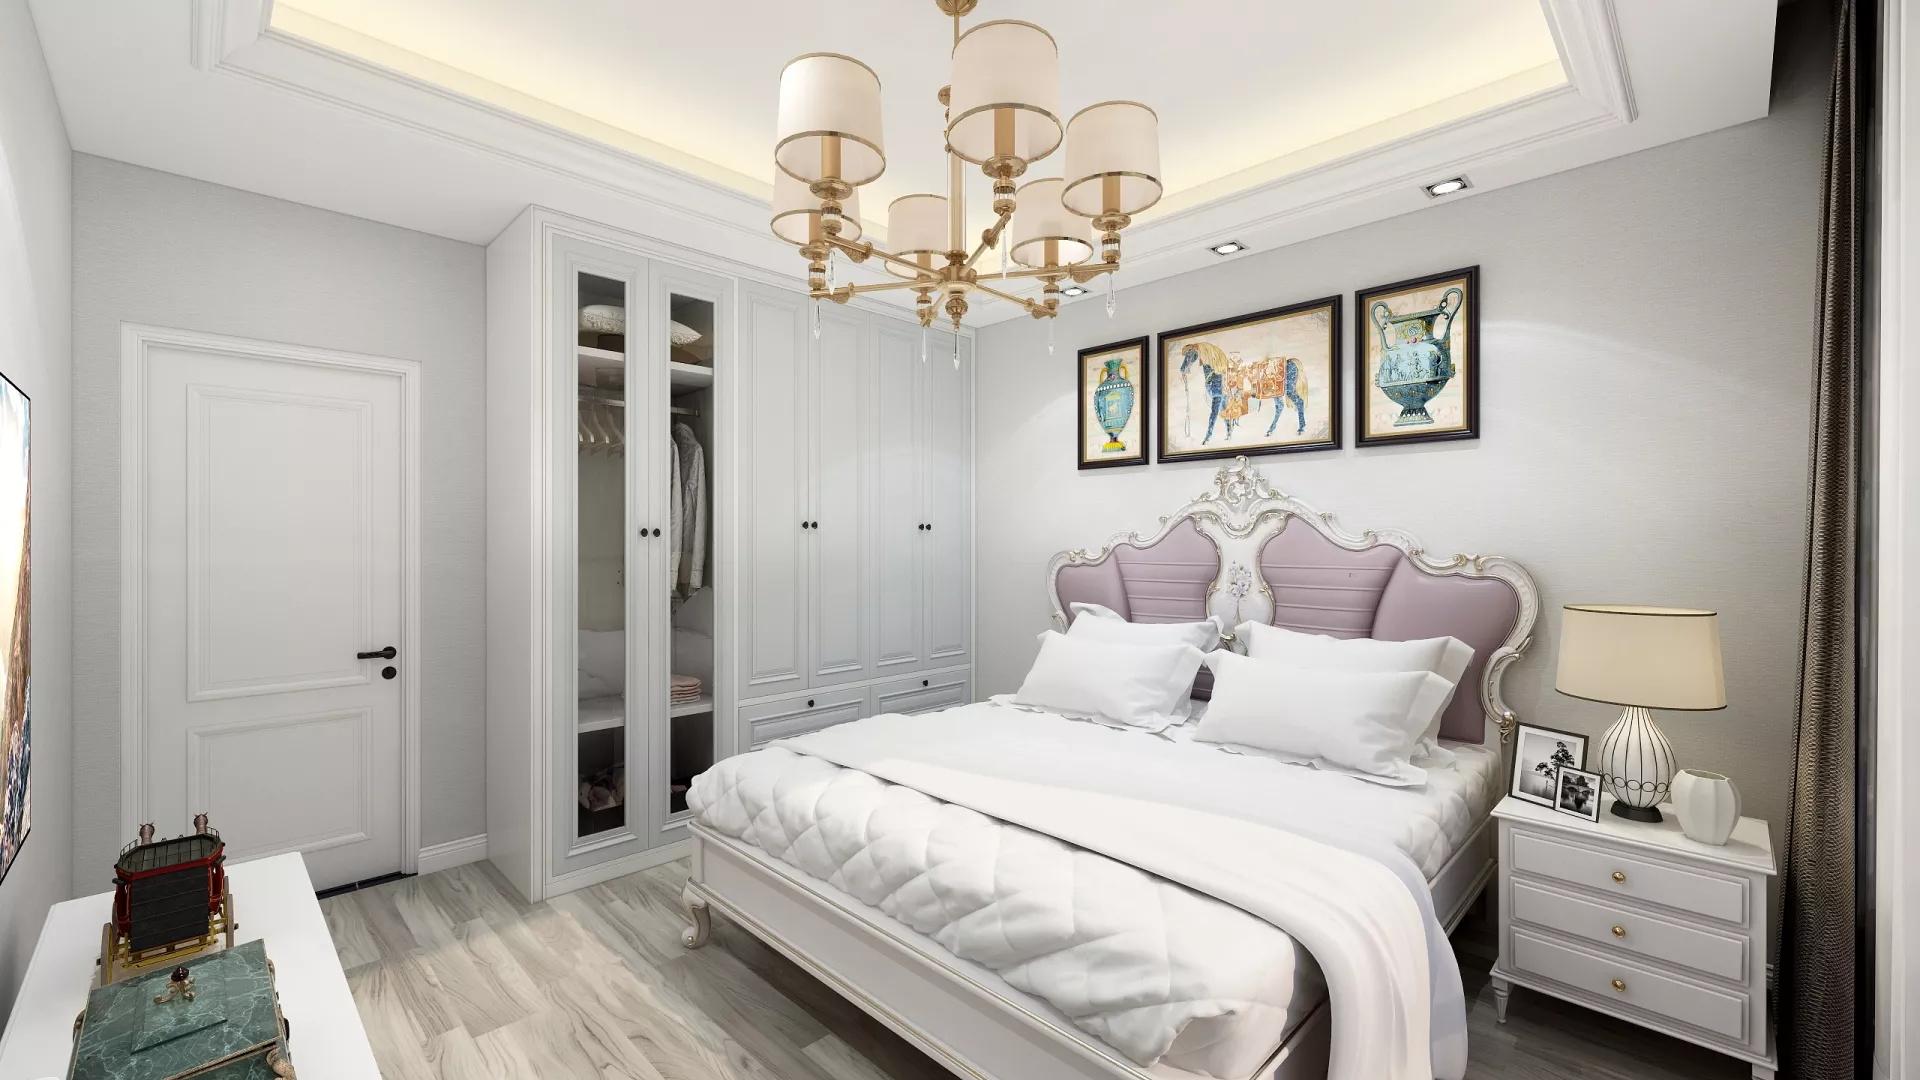 瓷磚填縫劑價格一般是多少 瓷磚填縫劑施工一平米多少錢